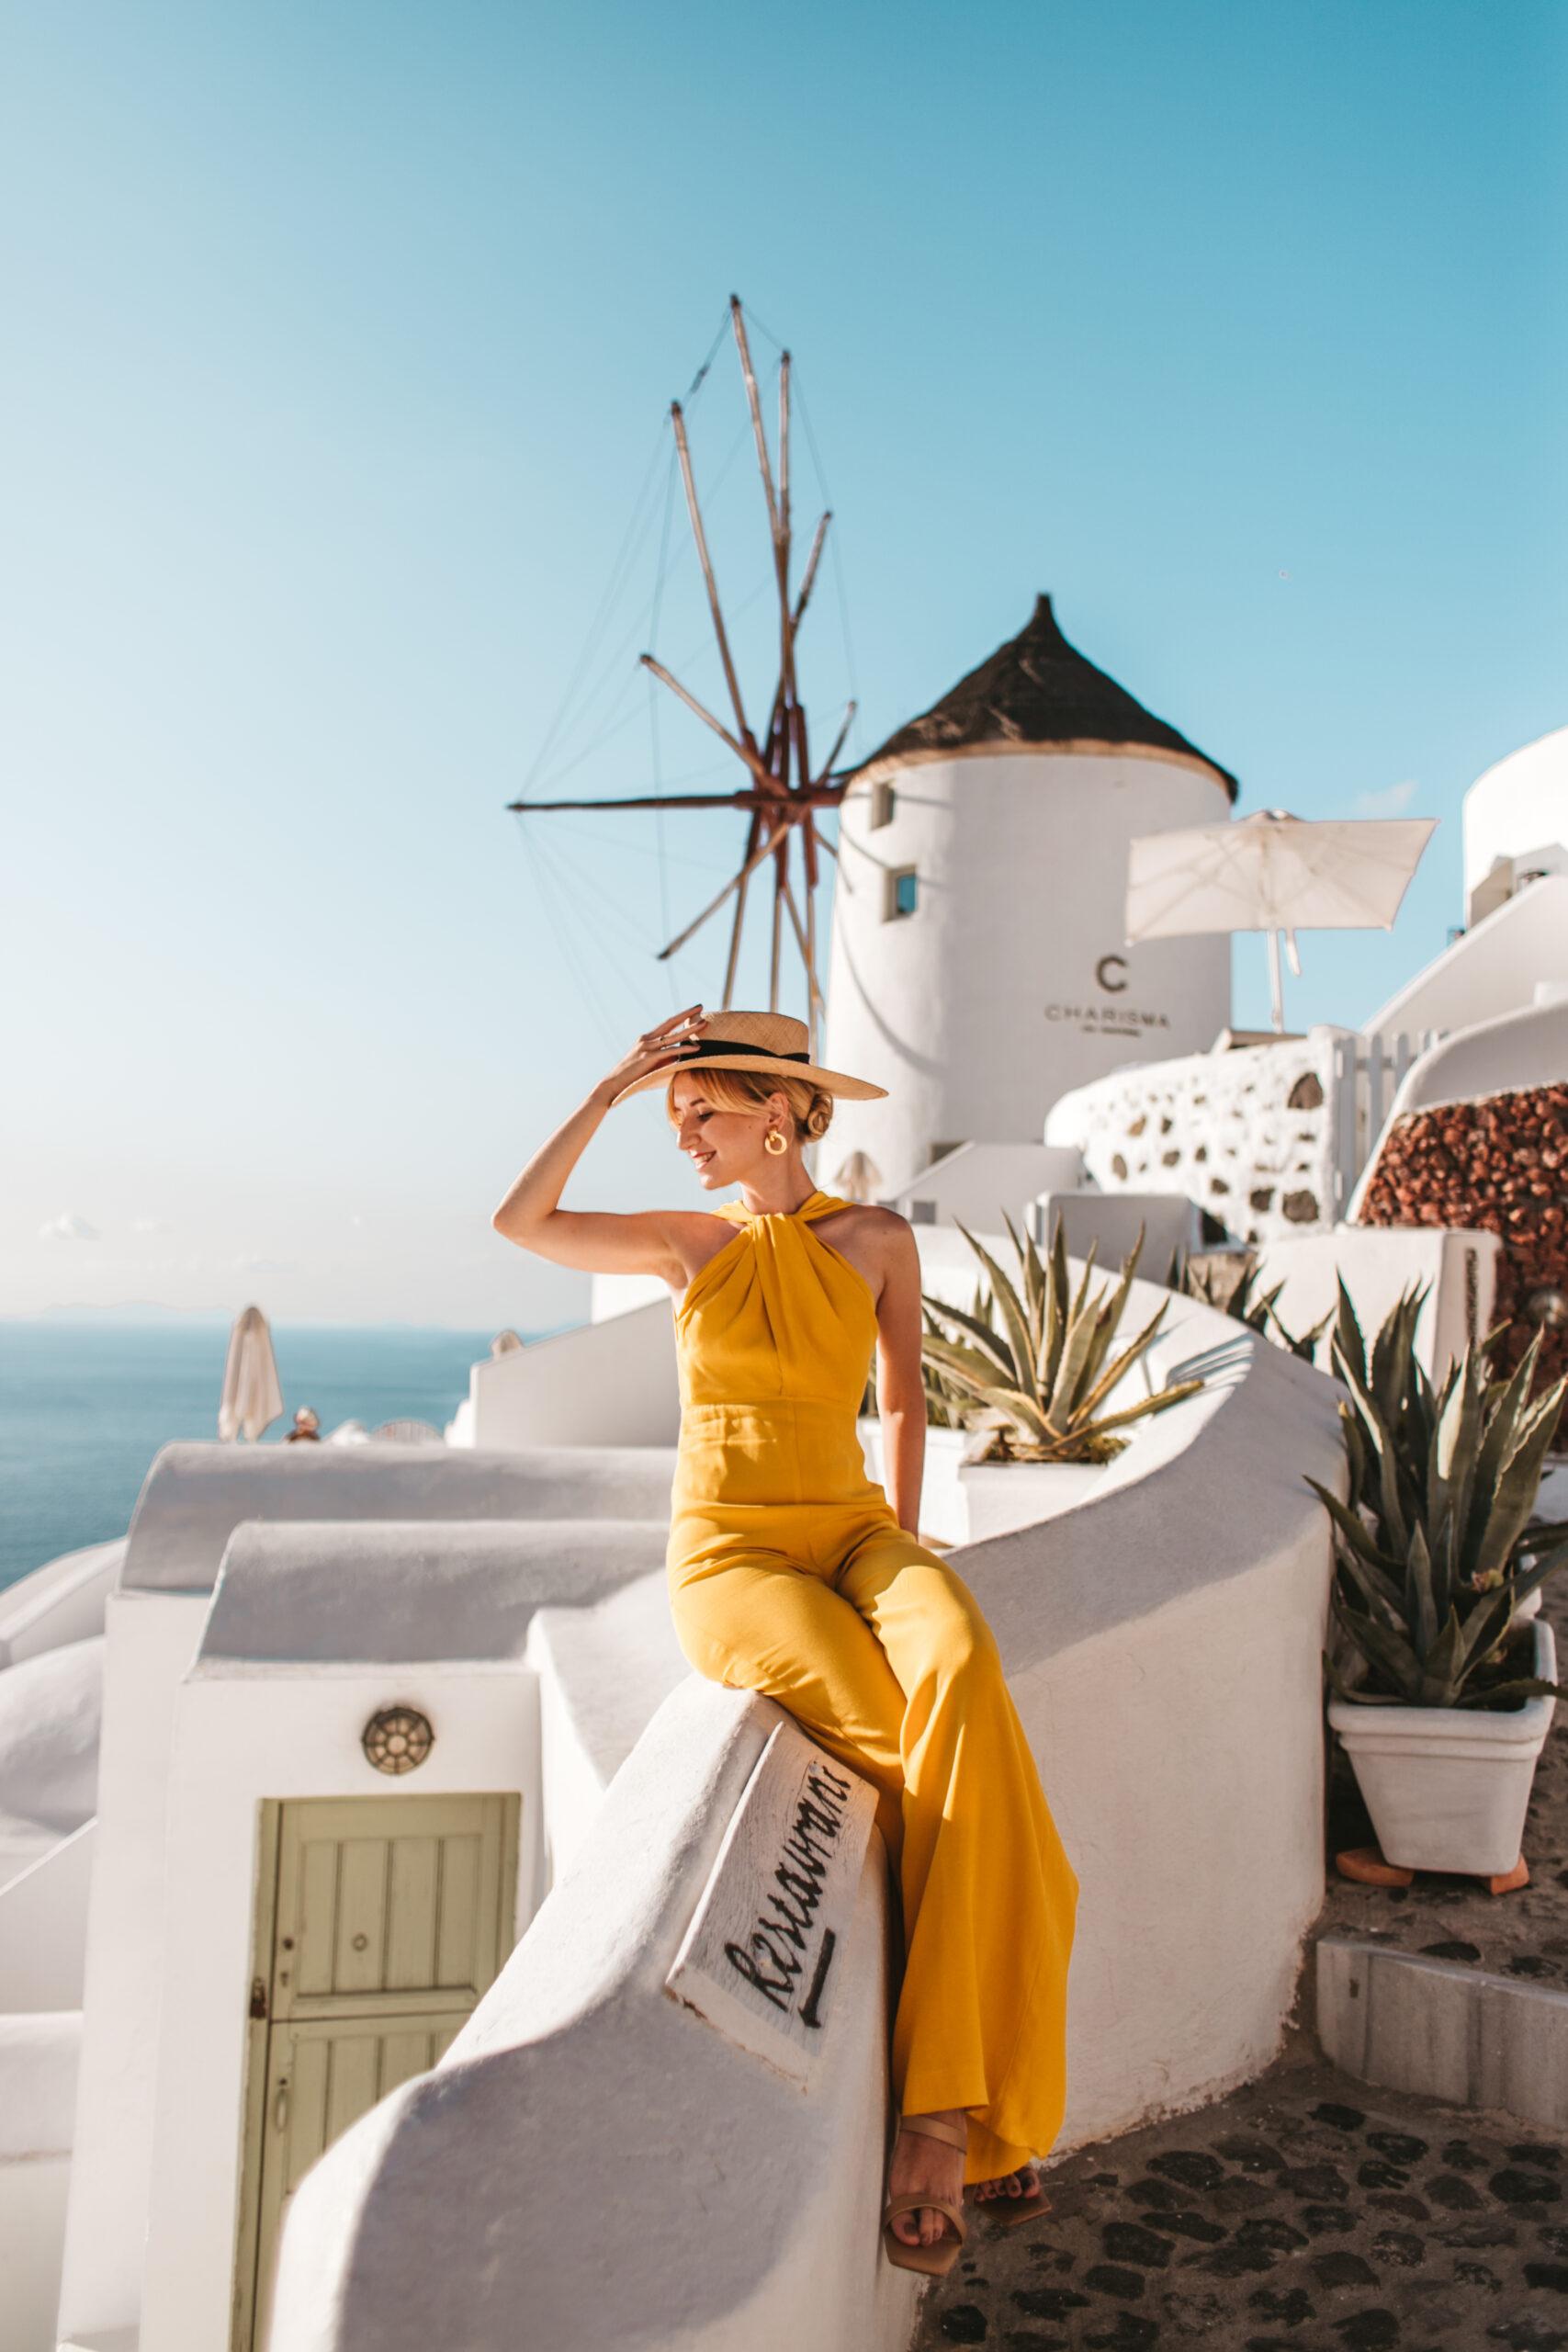 Santorini Oia windmill Greece, Grecja wiatraki Santorini Oia, blogerka modowa, blog podróżniczy